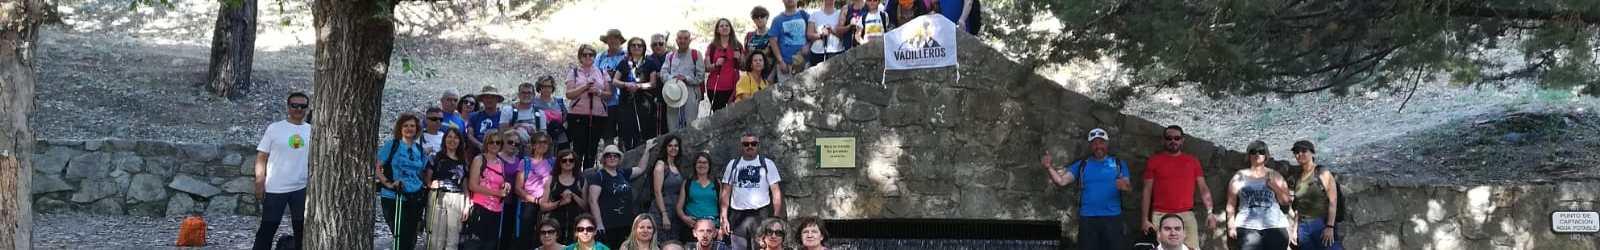 Los vadilleros llegaron a Torres en su penúltima ruta de la temporada